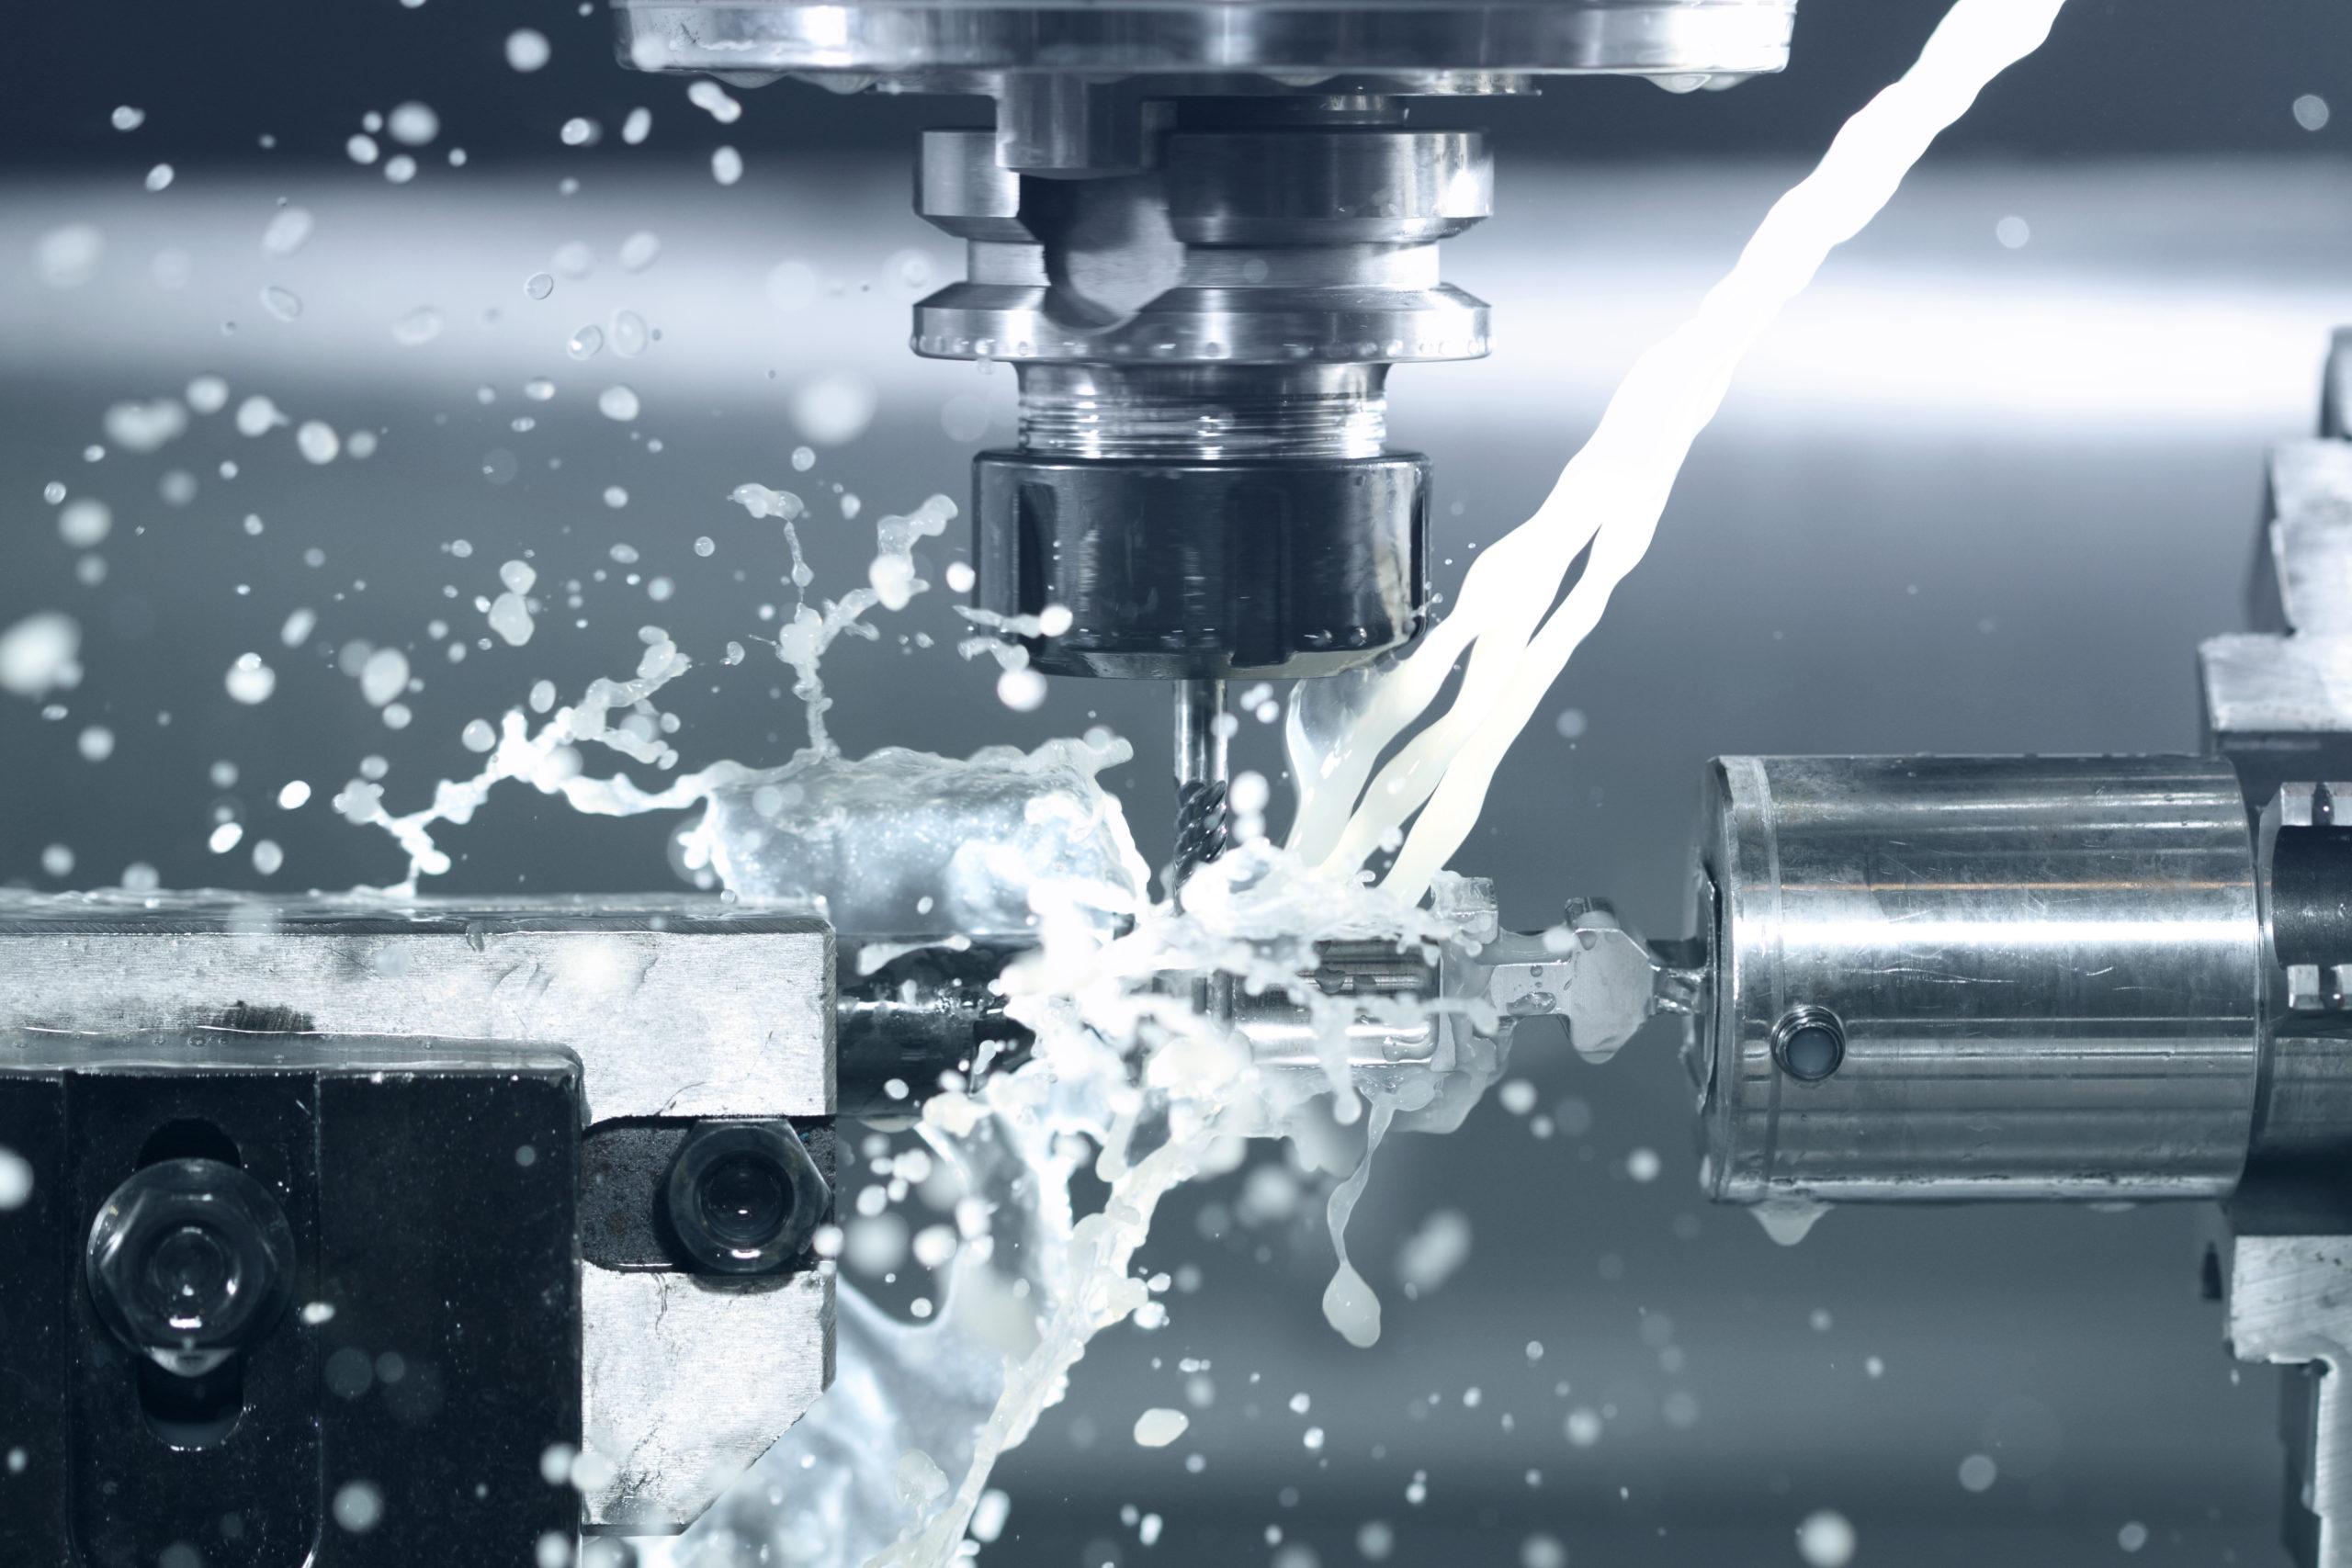 cnc machine, additive manufacturing